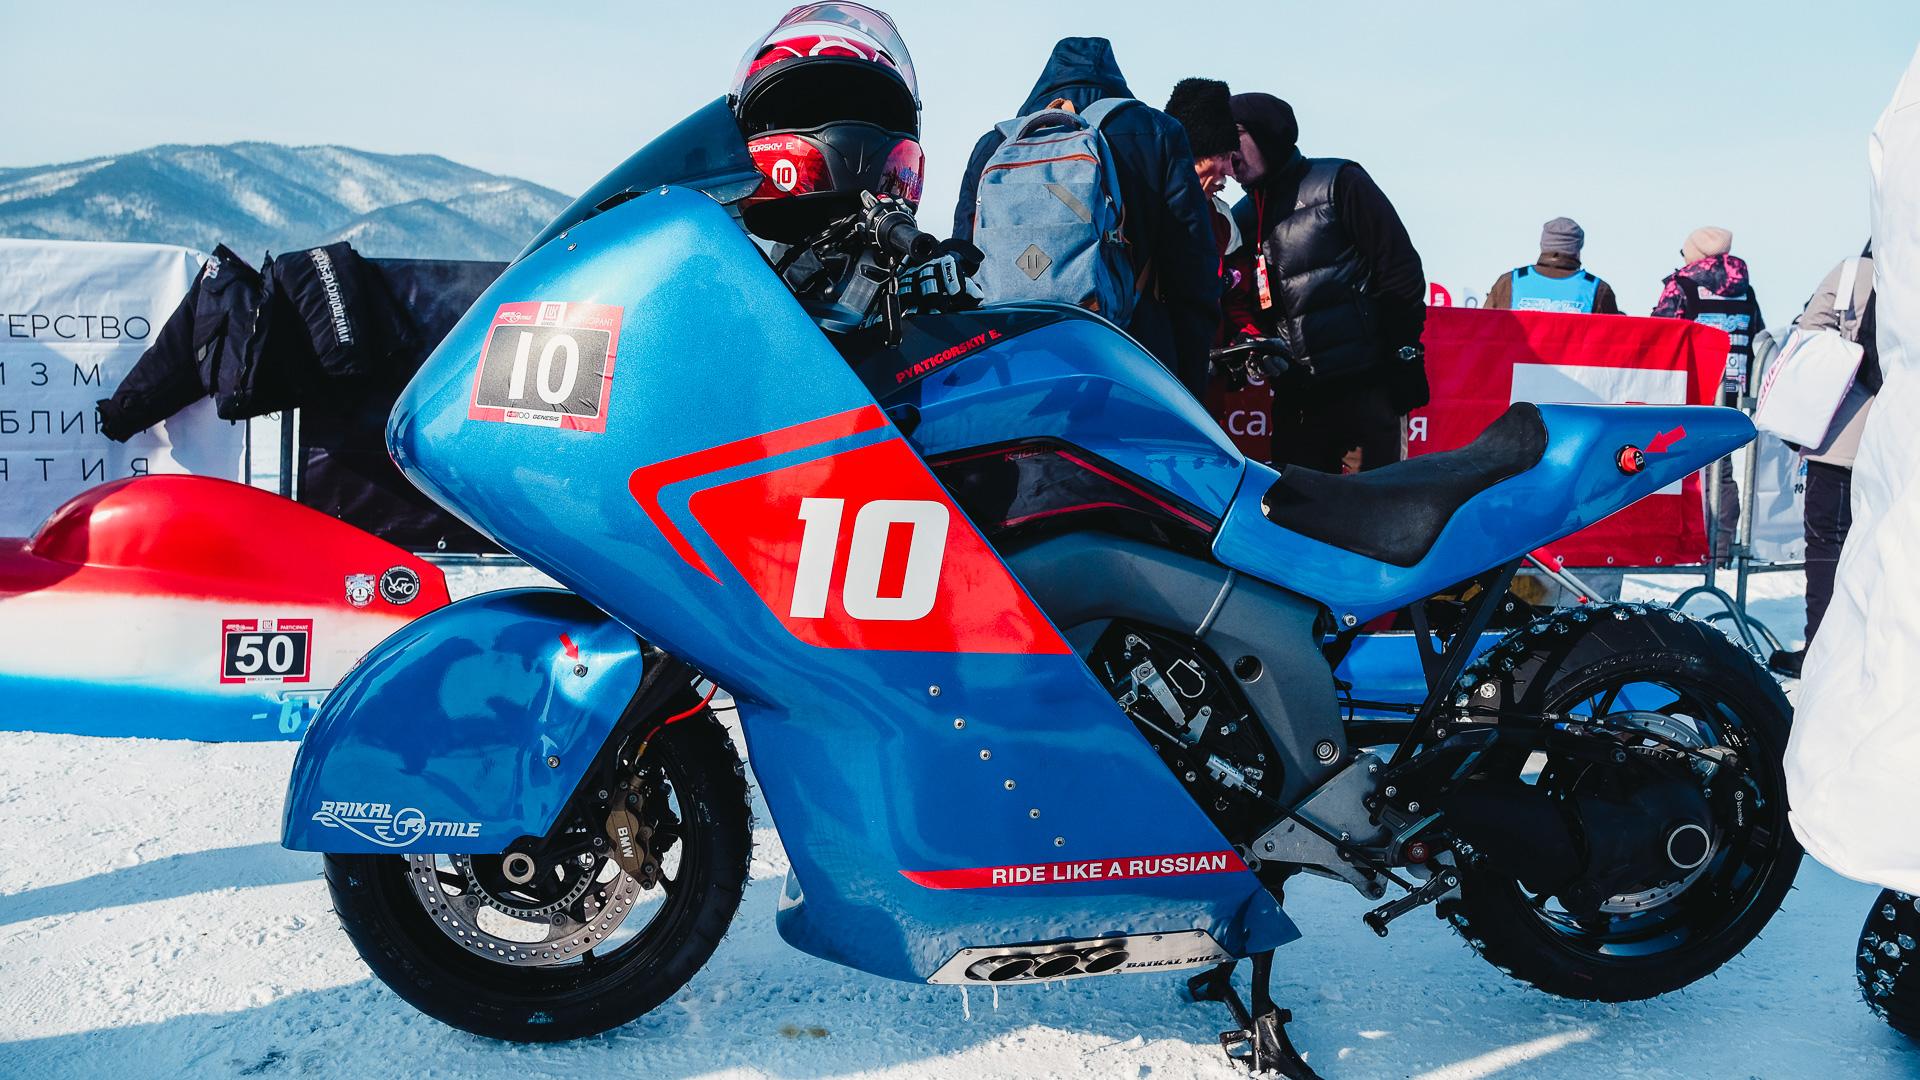 Байкальская Миля 2020 - Пятигорский Евгений Владимирович BMW K1600GT 2019 BMW ICE TEAM